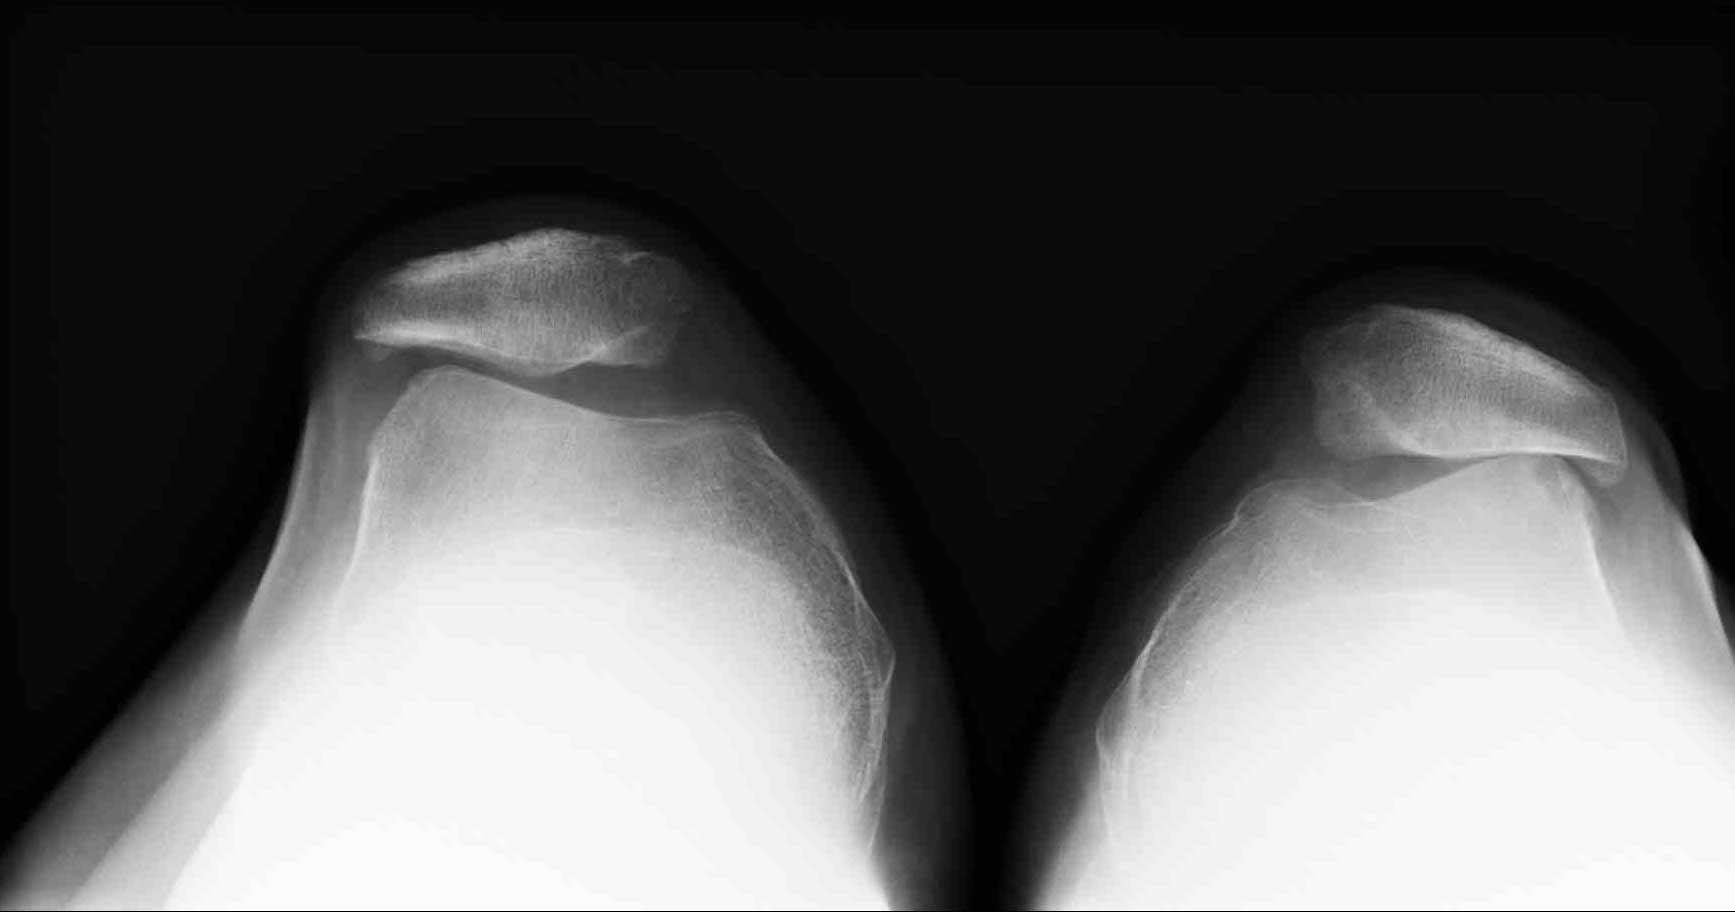 Дисплазия пателлофеморального сустава лечение бурсита локтевого сустава народными средствами